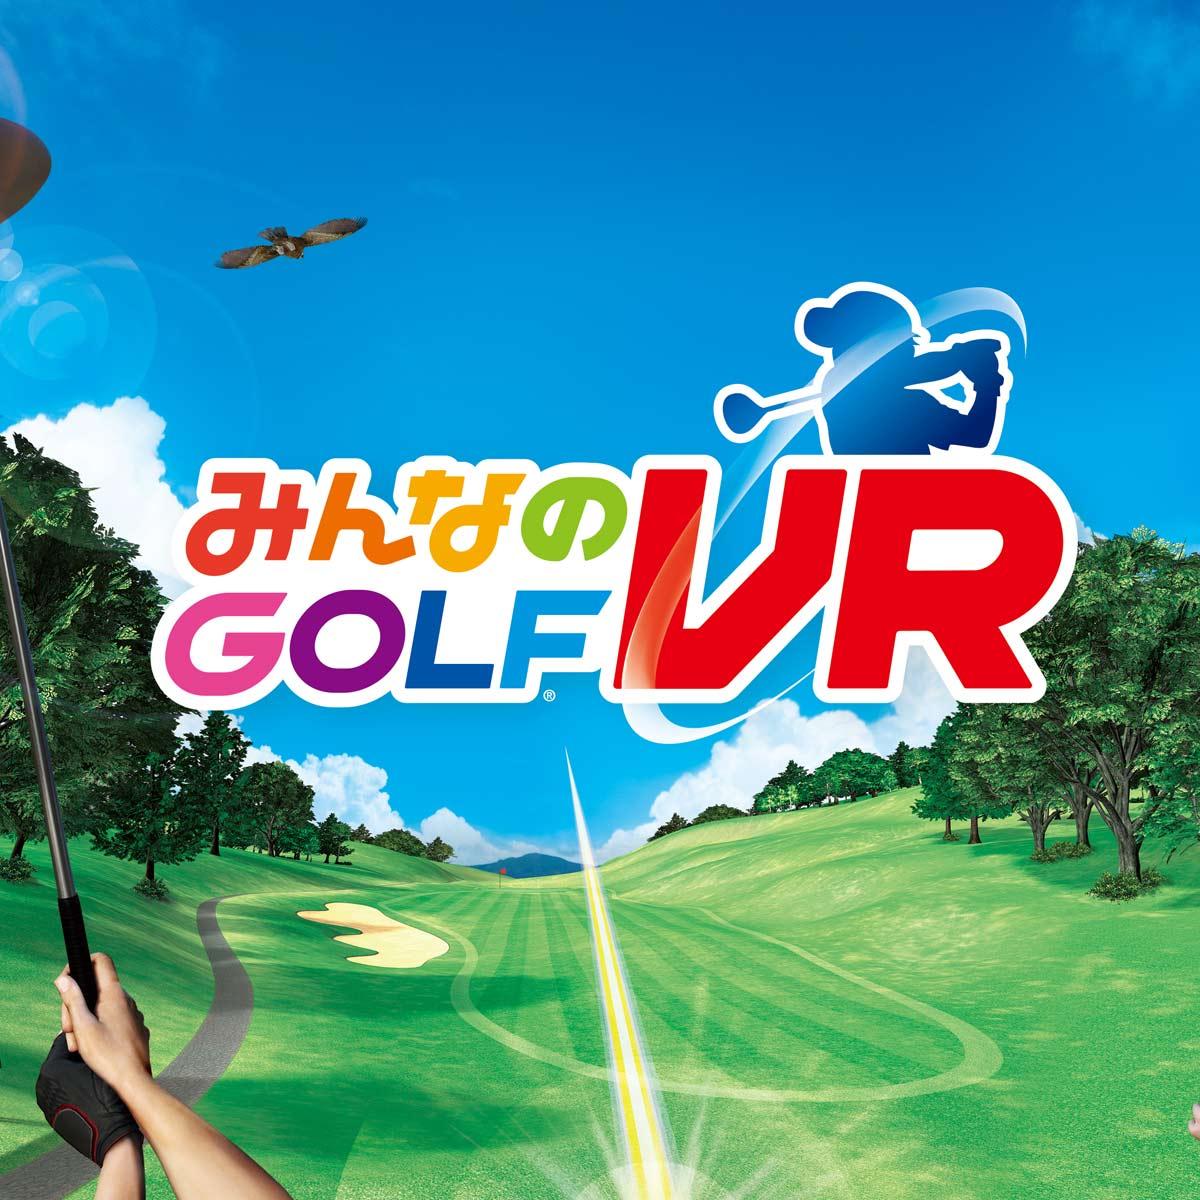 実際にスイングして遊ぶ「みんなのGOLF VR」で仮想ゴルフ体験ができる!